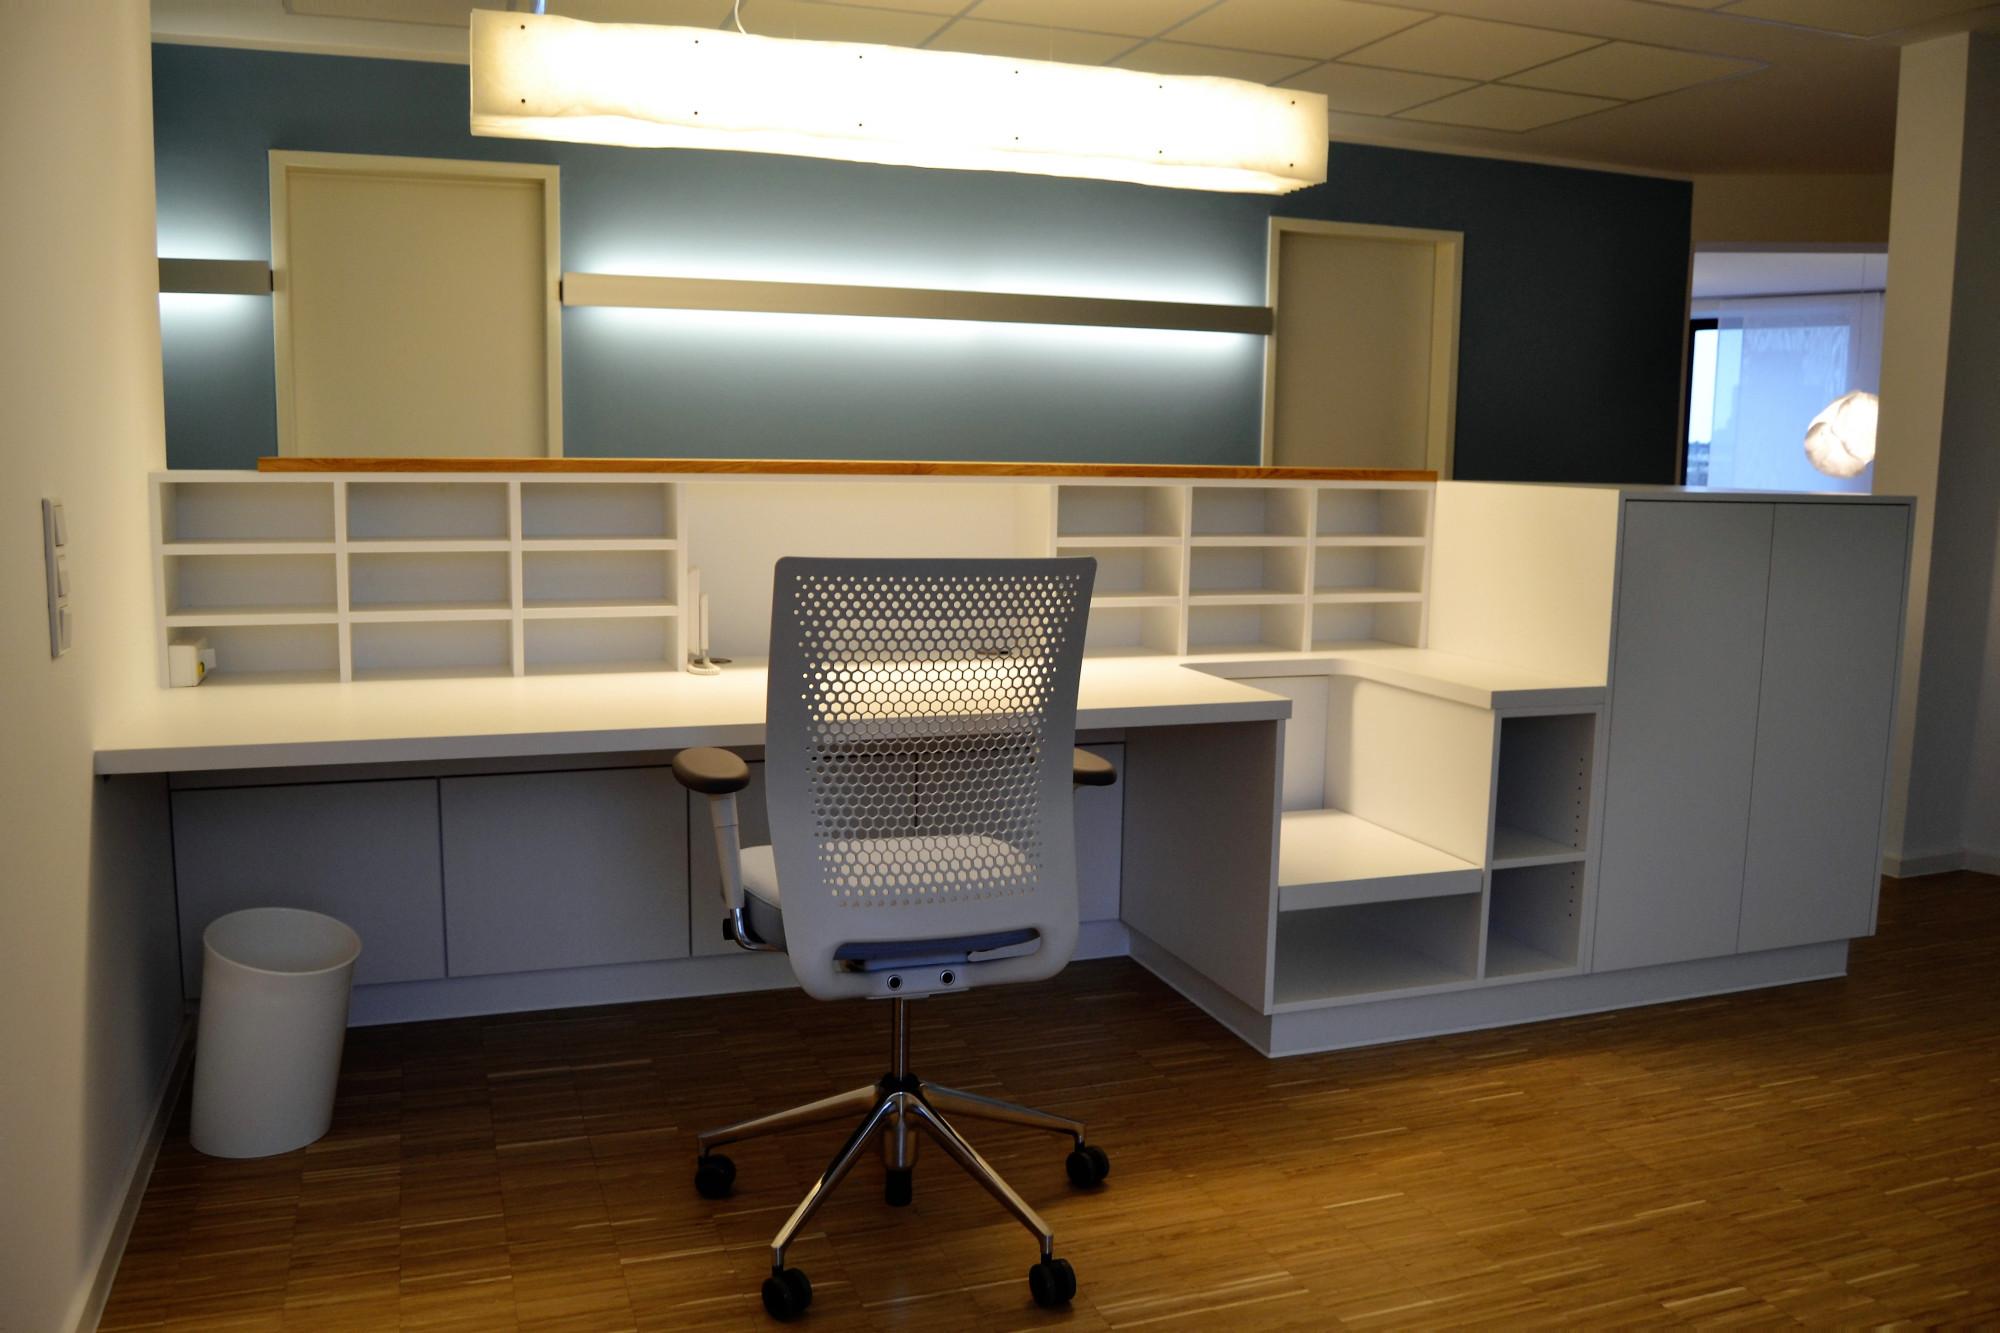 einrichtungs l sungen aus der praxis anmeldungen und wartebereiche f r praxen gesing. Black Bedroom Furniture Sets. Home Design Ideas